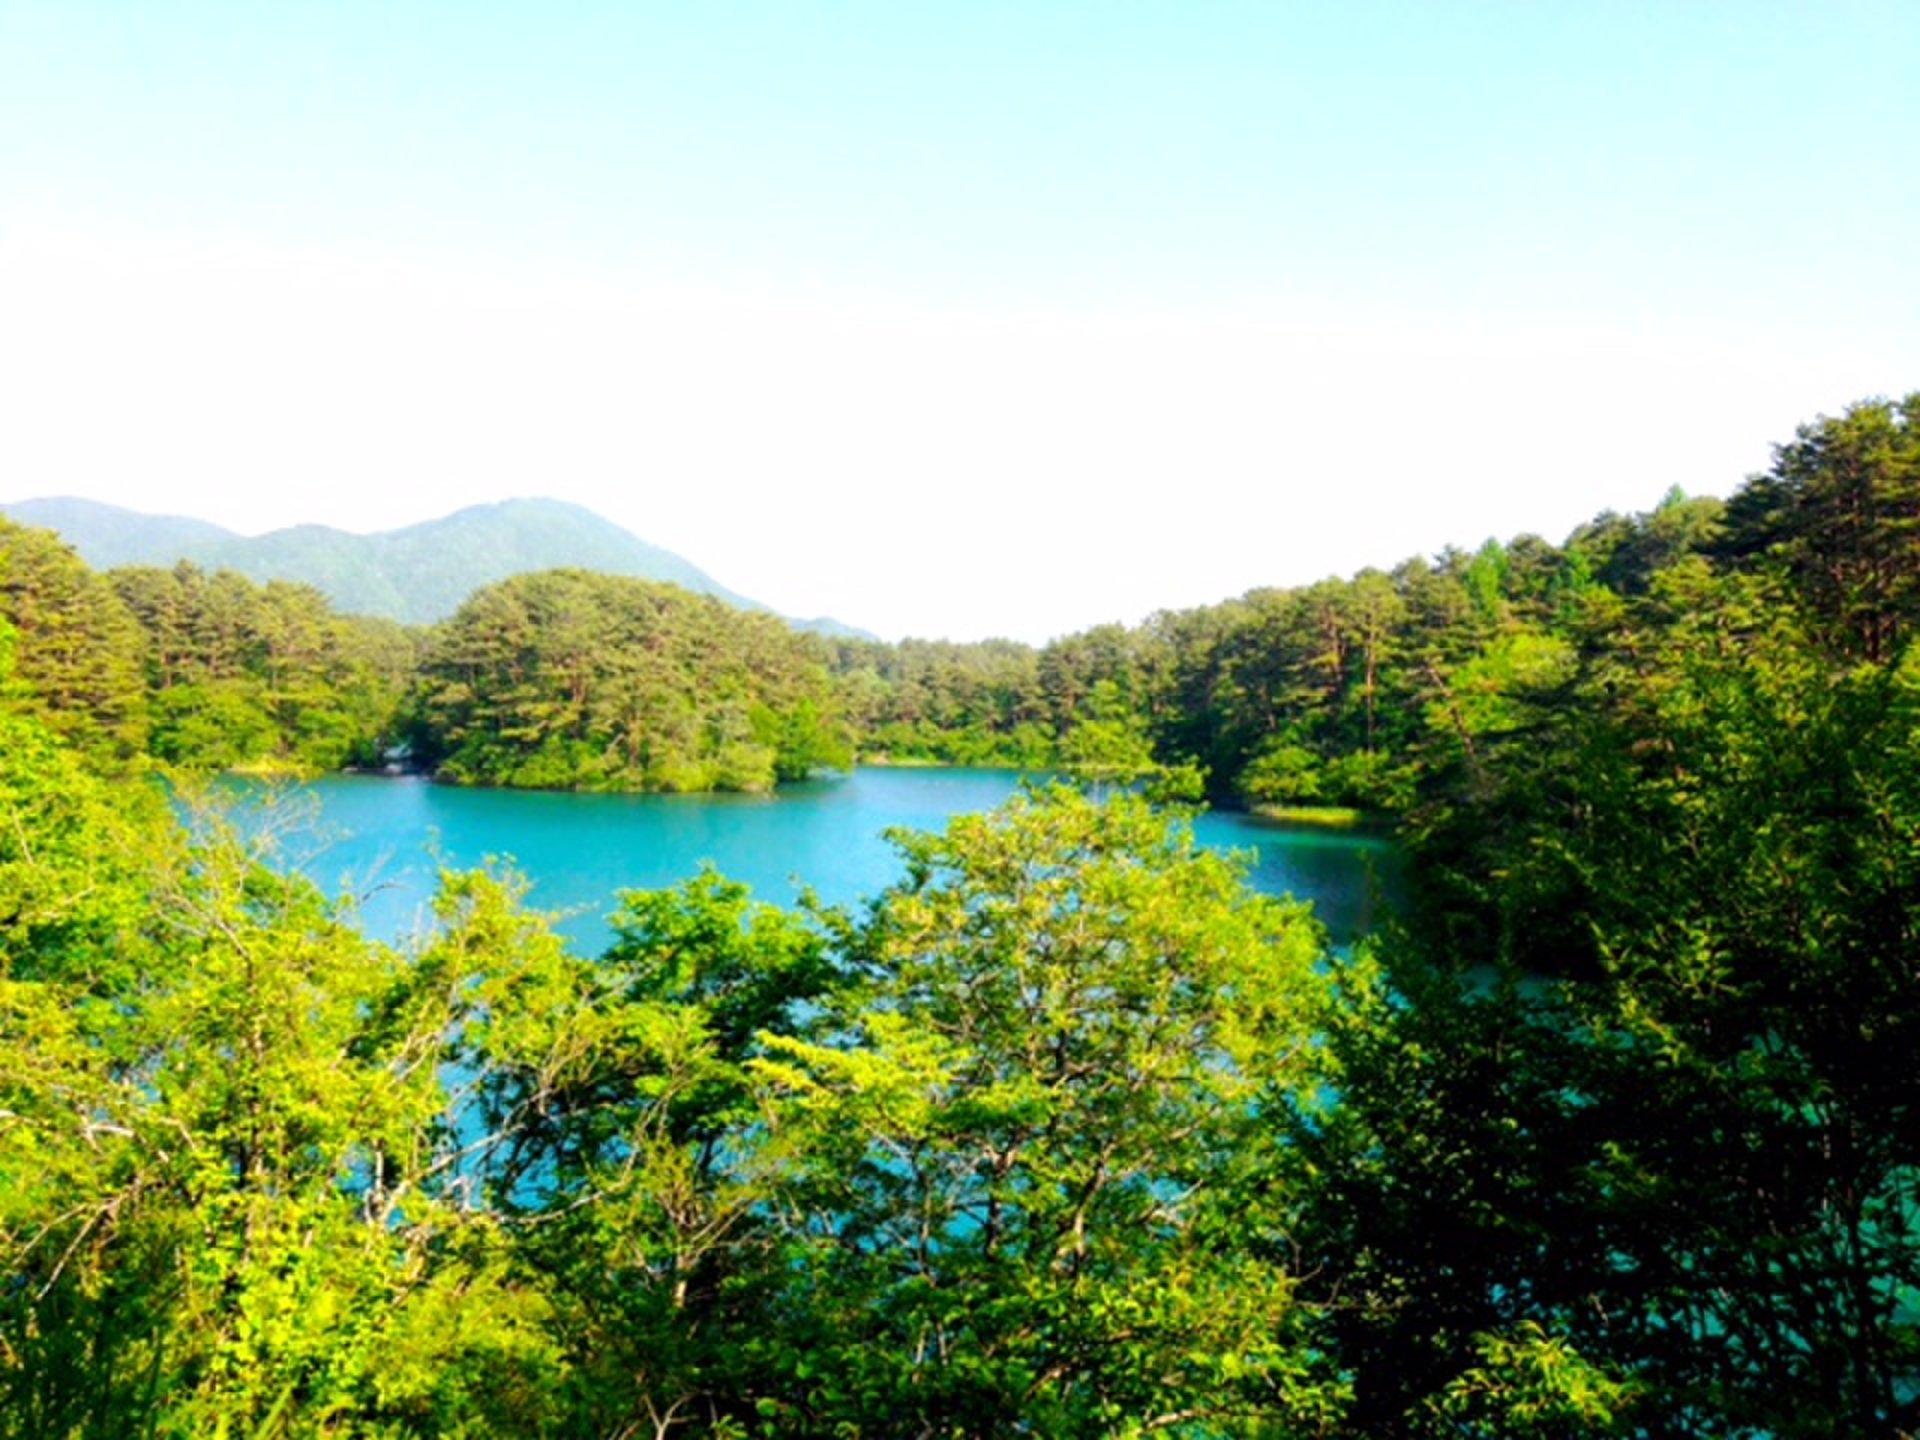 福島ドライブ!絶景&グルメを満喫できるおすすめドライブスポット13選